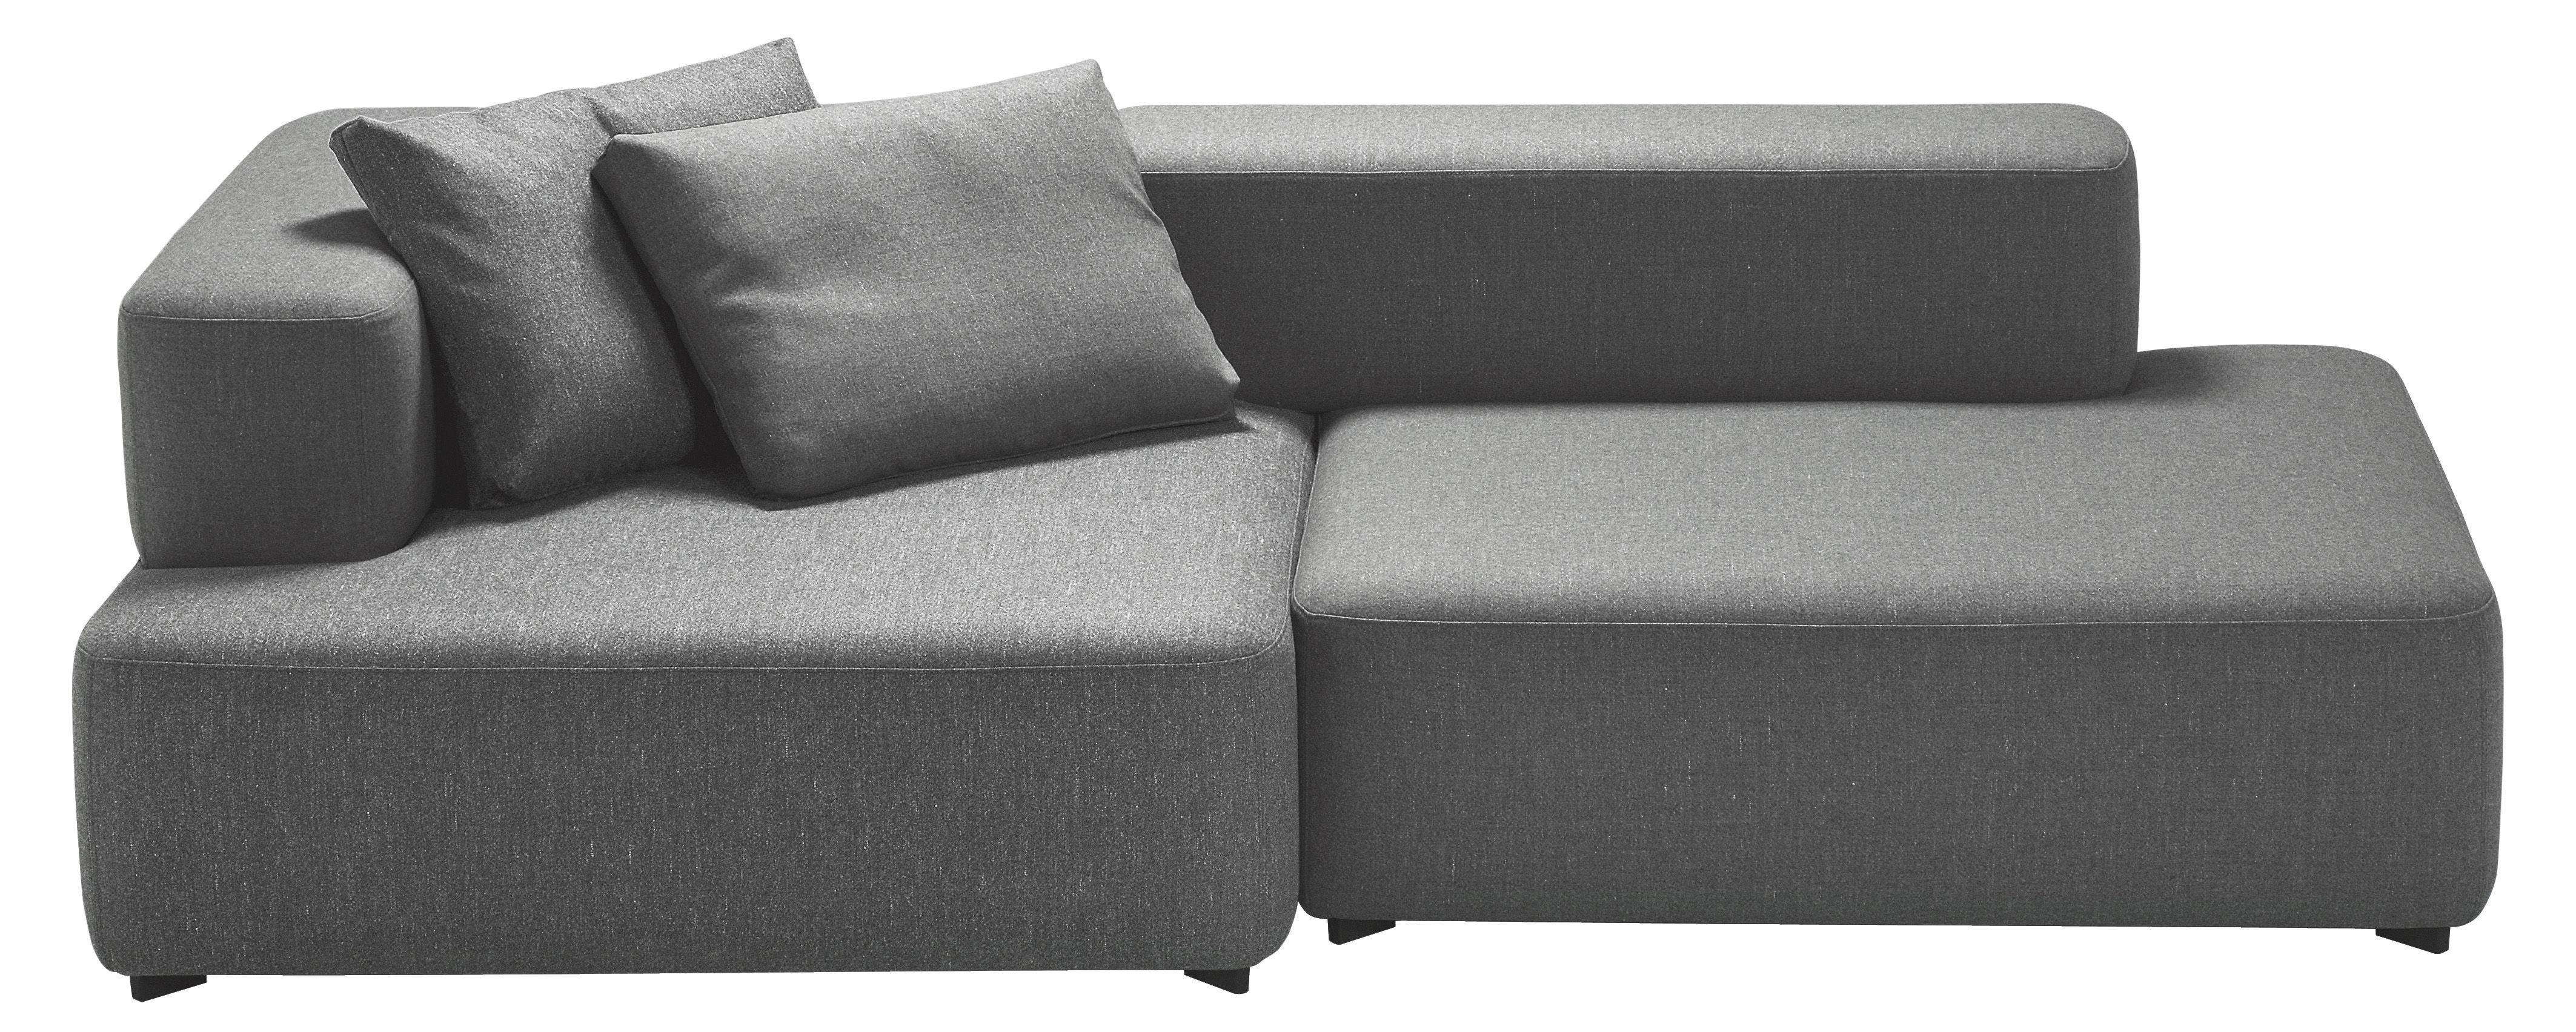 Möbel - Sofas - Alphabet Sofa modularer 2-Sitzer - L 210 x T 120 cm - Fritz Hansen - Dunkelgrau - Kvadrat-Gewebe, Schaumstoff